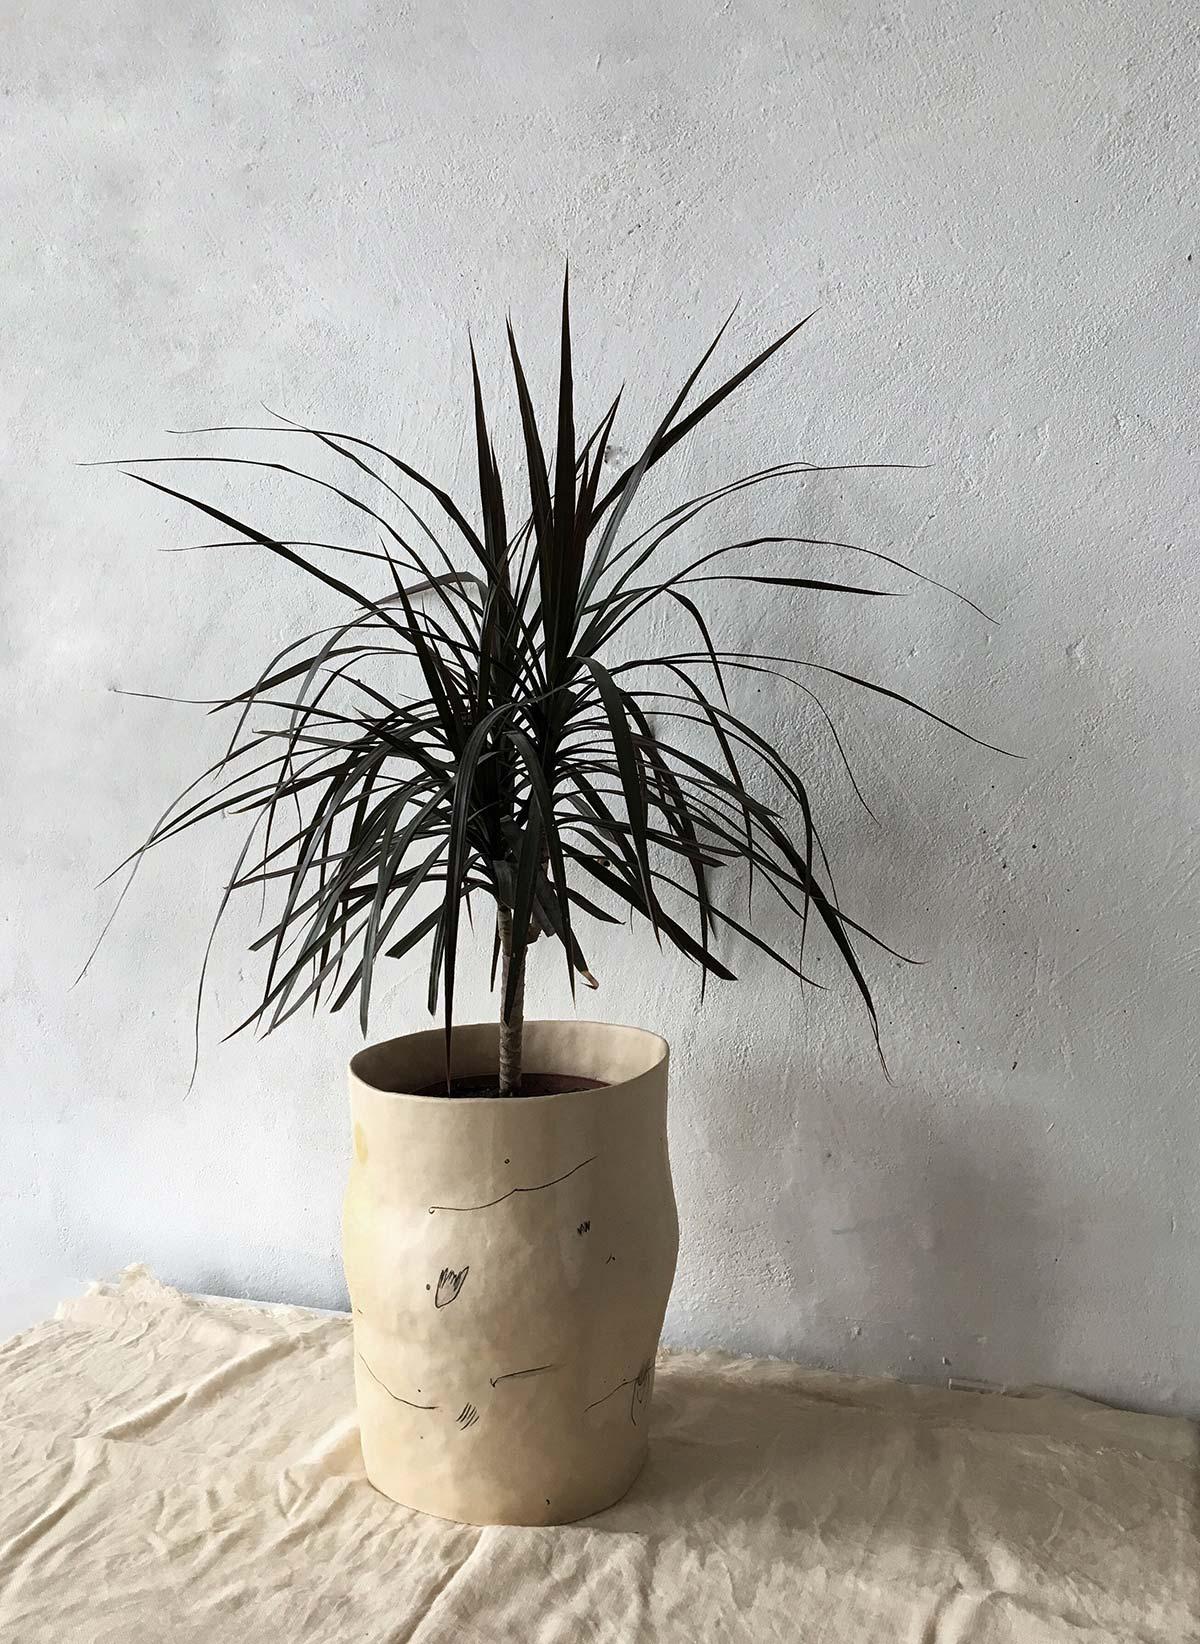 Flowerpot for flowers (Handmade)